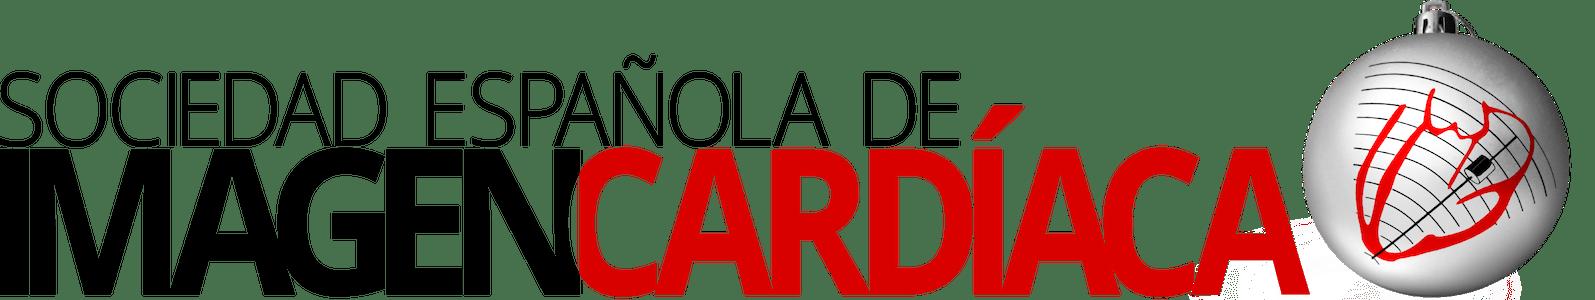 Sociedad Española de Imagen Cardíaca